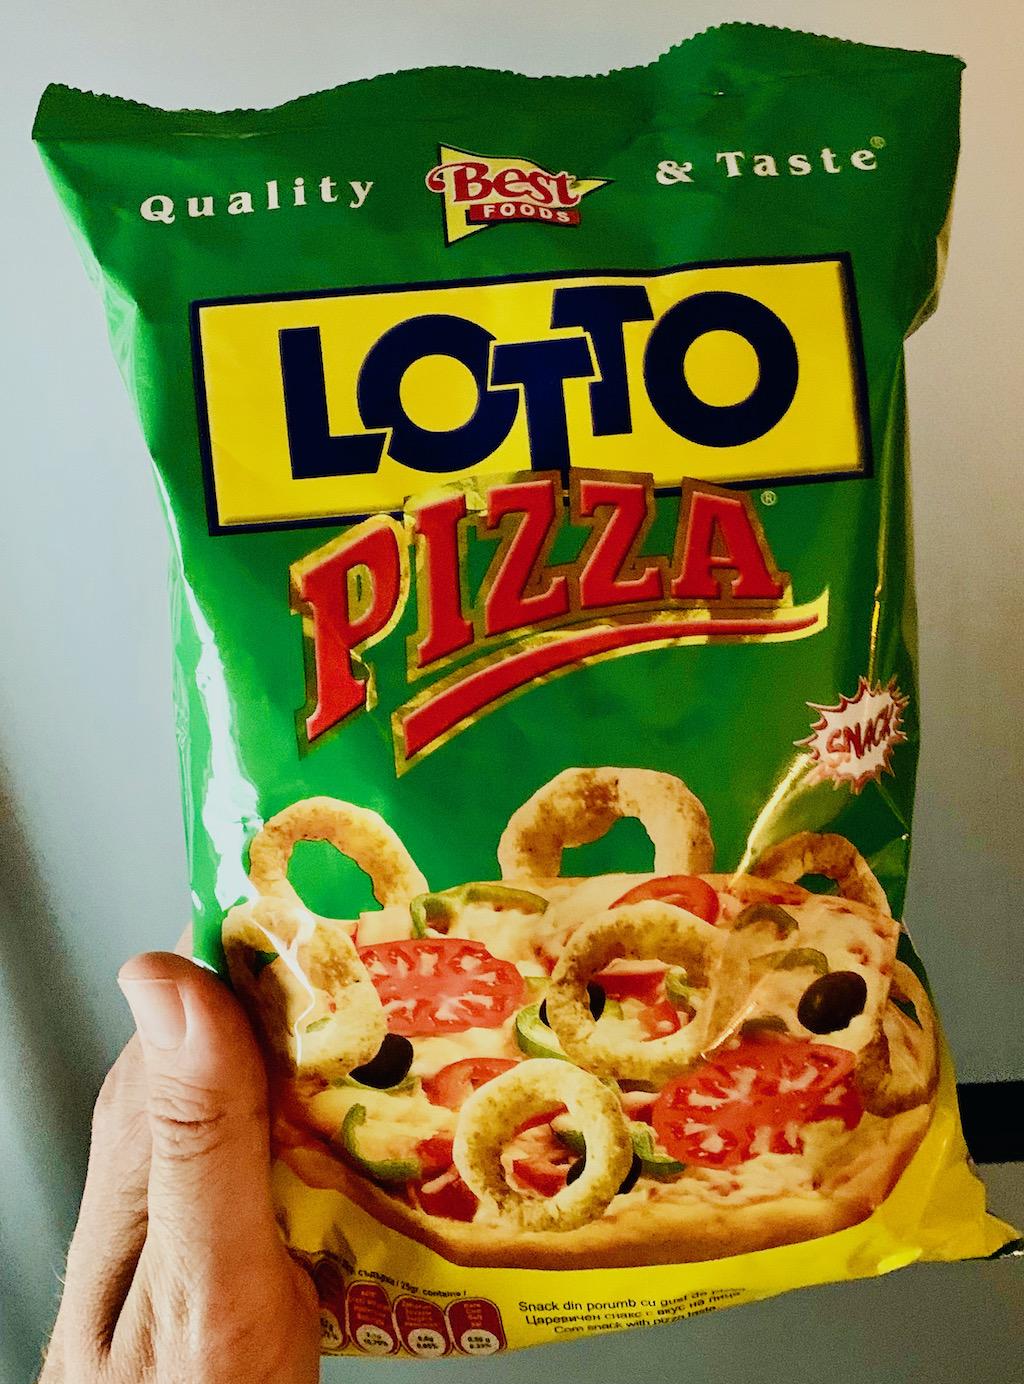 Best Foods Lotto Pizza Kringel Snack